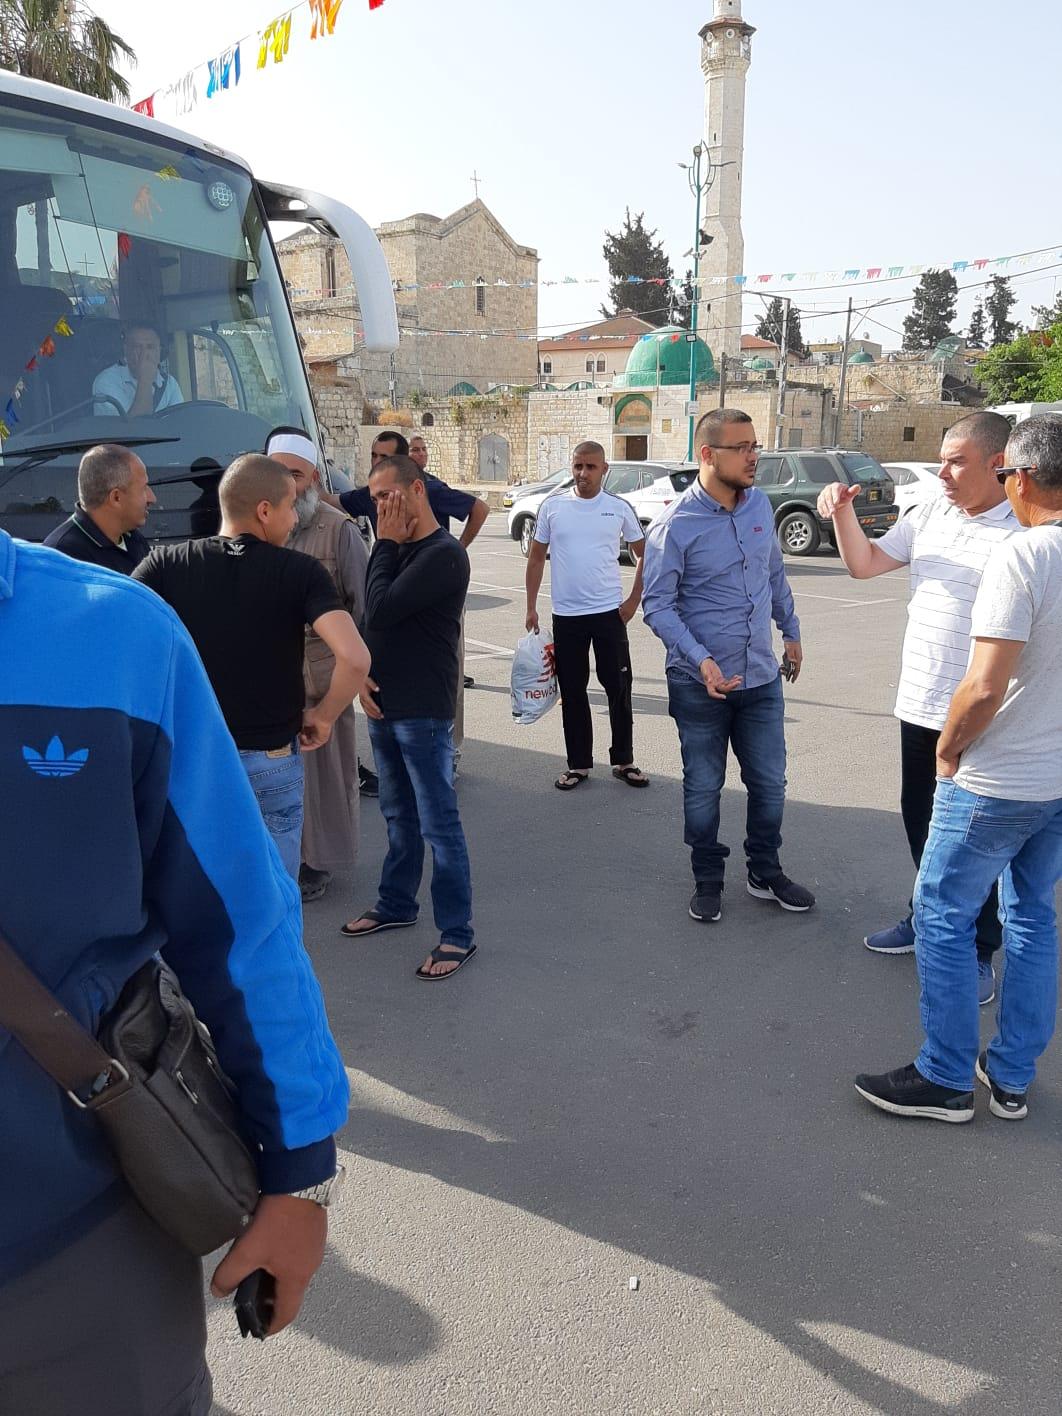 اللد : معتمرو اللد الرملة (البرّ) العشر الاواخر يغادرون لاداء مناسك العمرة